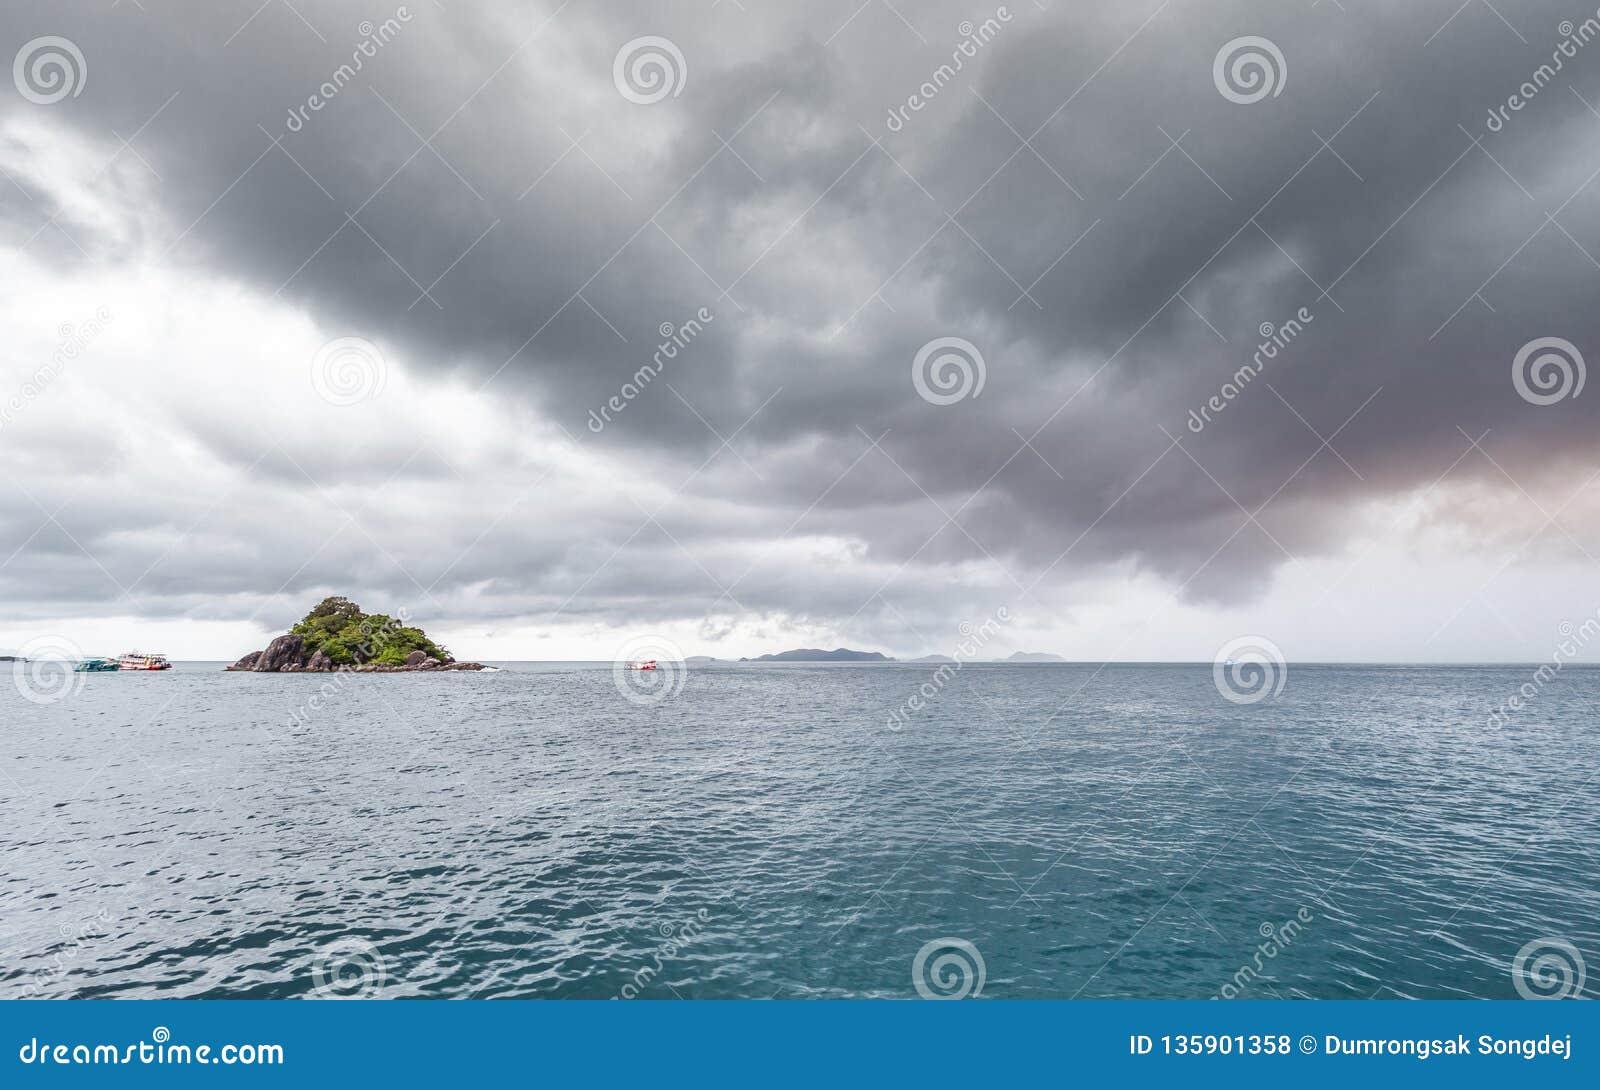 Den härliga sceniska ön med att resa fartyget, medan regna strom nära, kommer